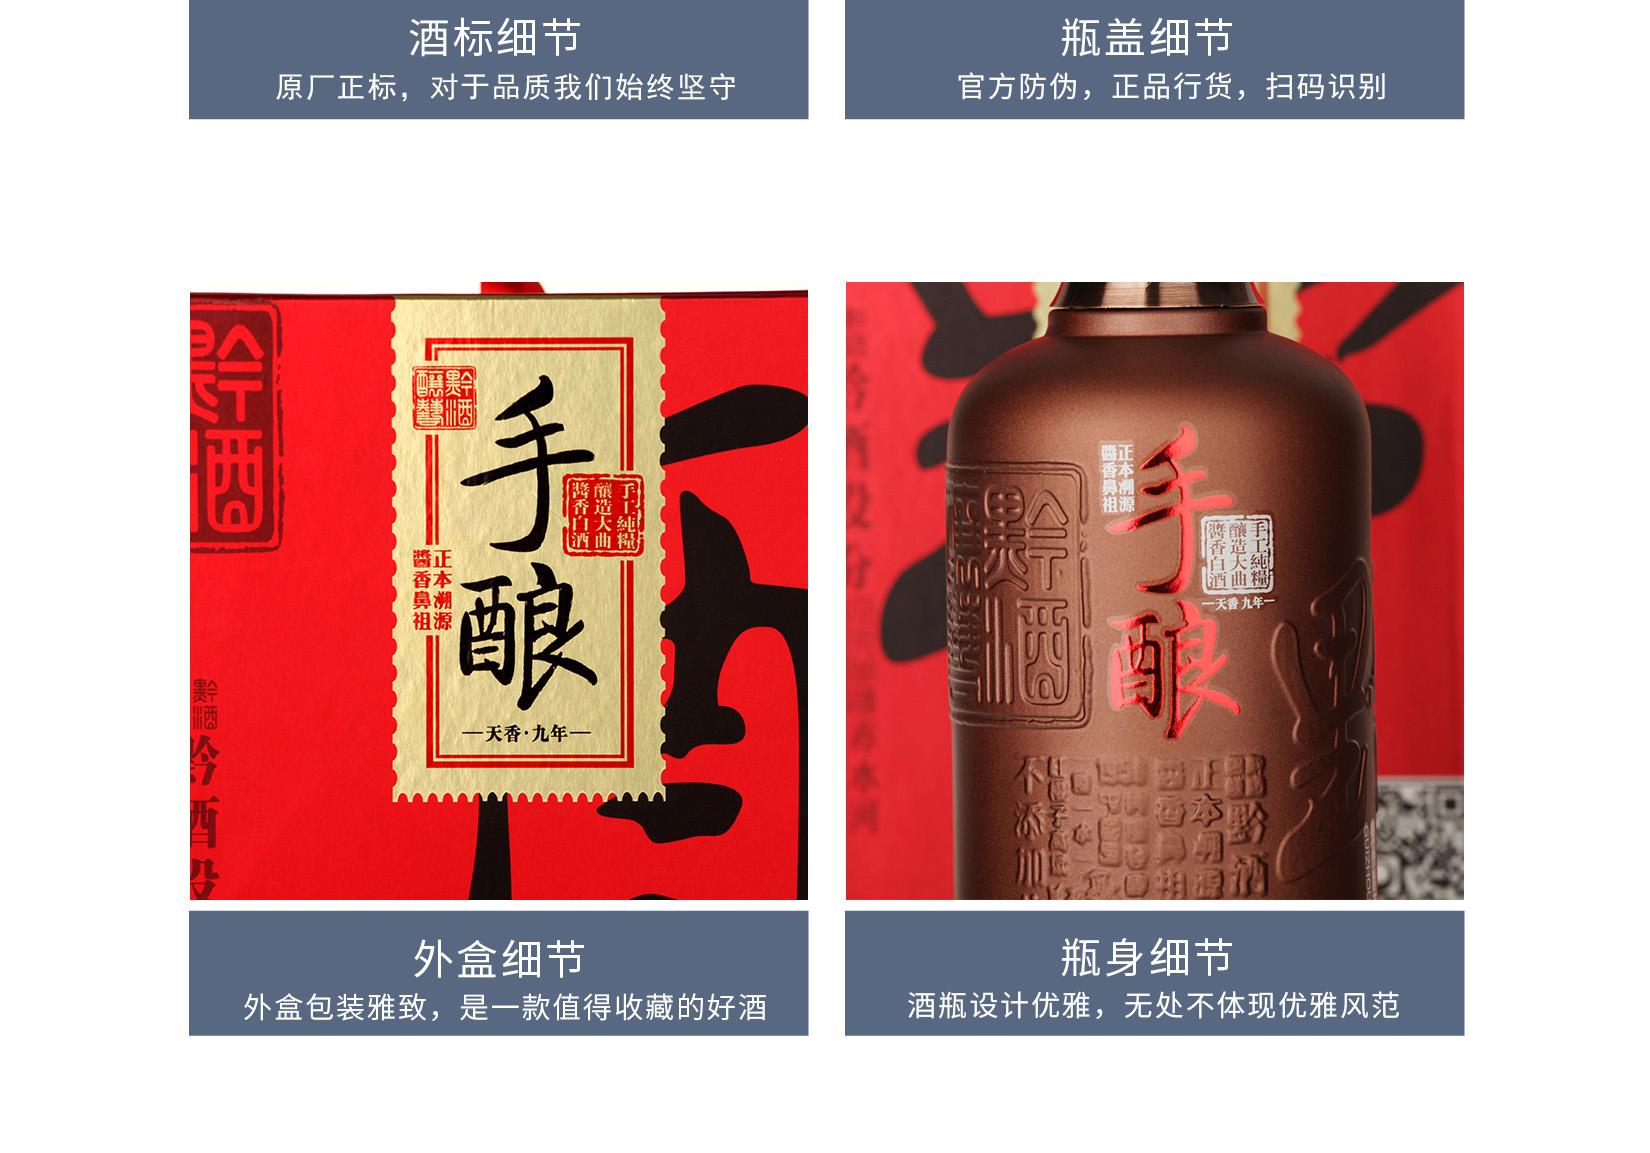 黔九 【酒厂自营】黔酒一号手酿天香原浆酱香型酒 53度500...-京东